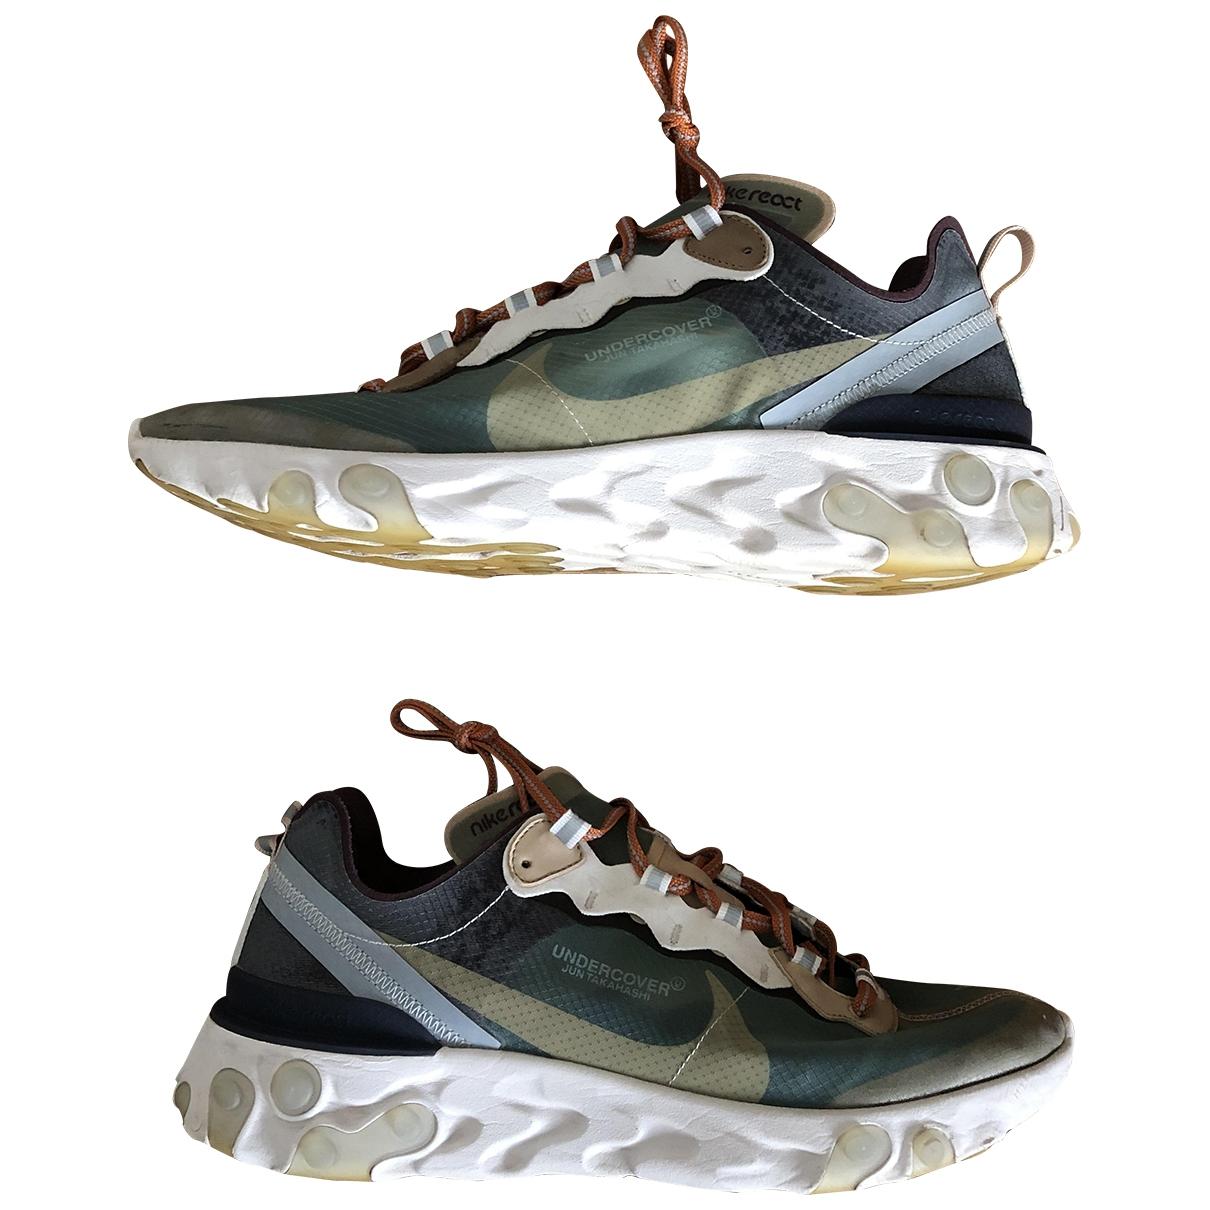 Nike X Undercover - Baskets React element 87 pour homme en toile - vert